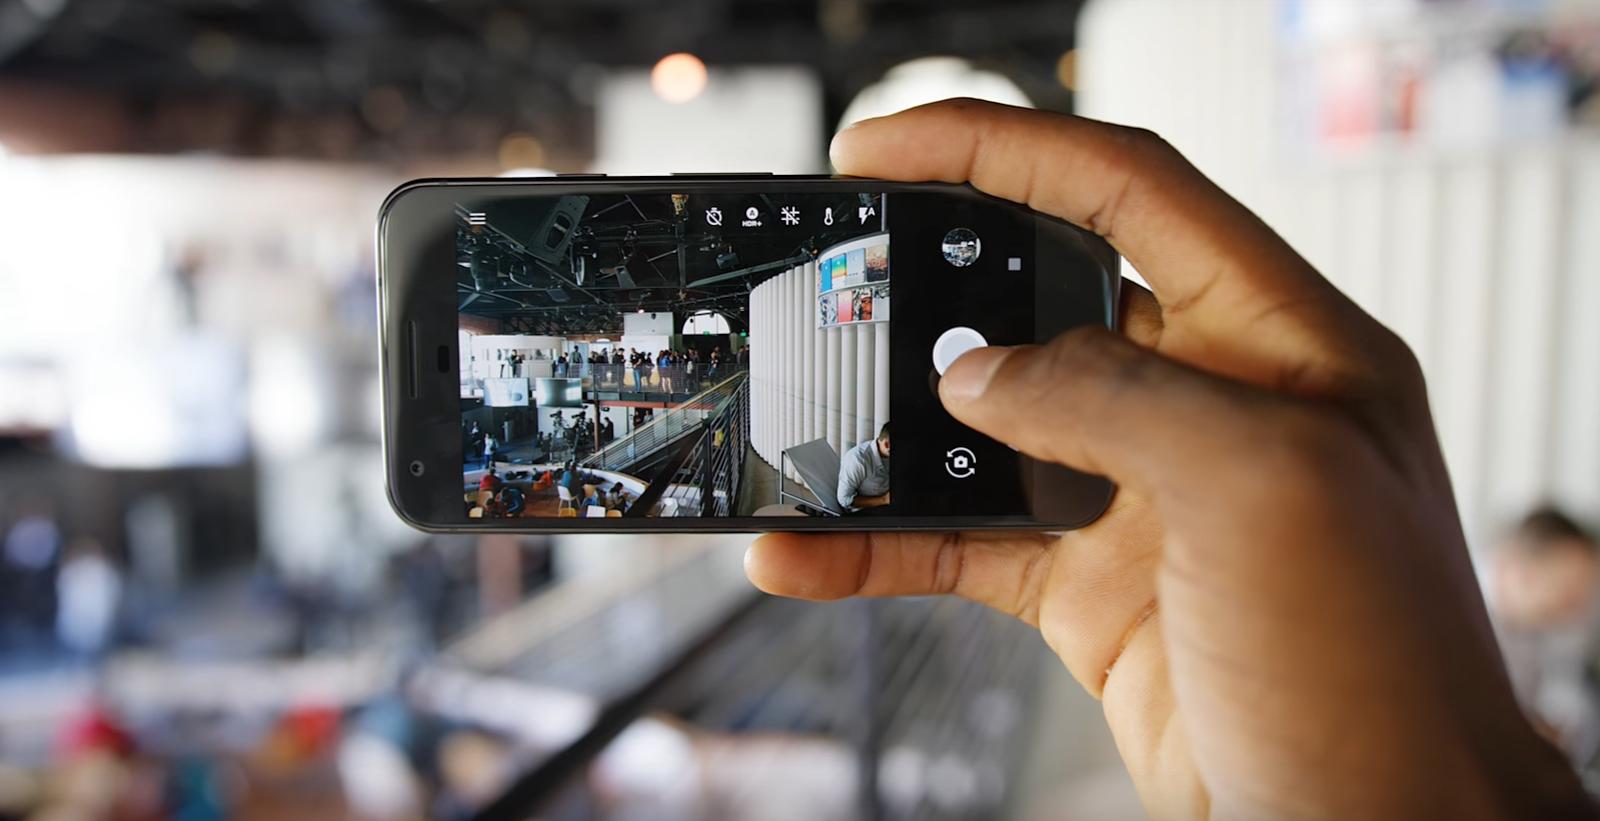 Google Pixel vs Nexus 5x and Nexus 6P - Features Review